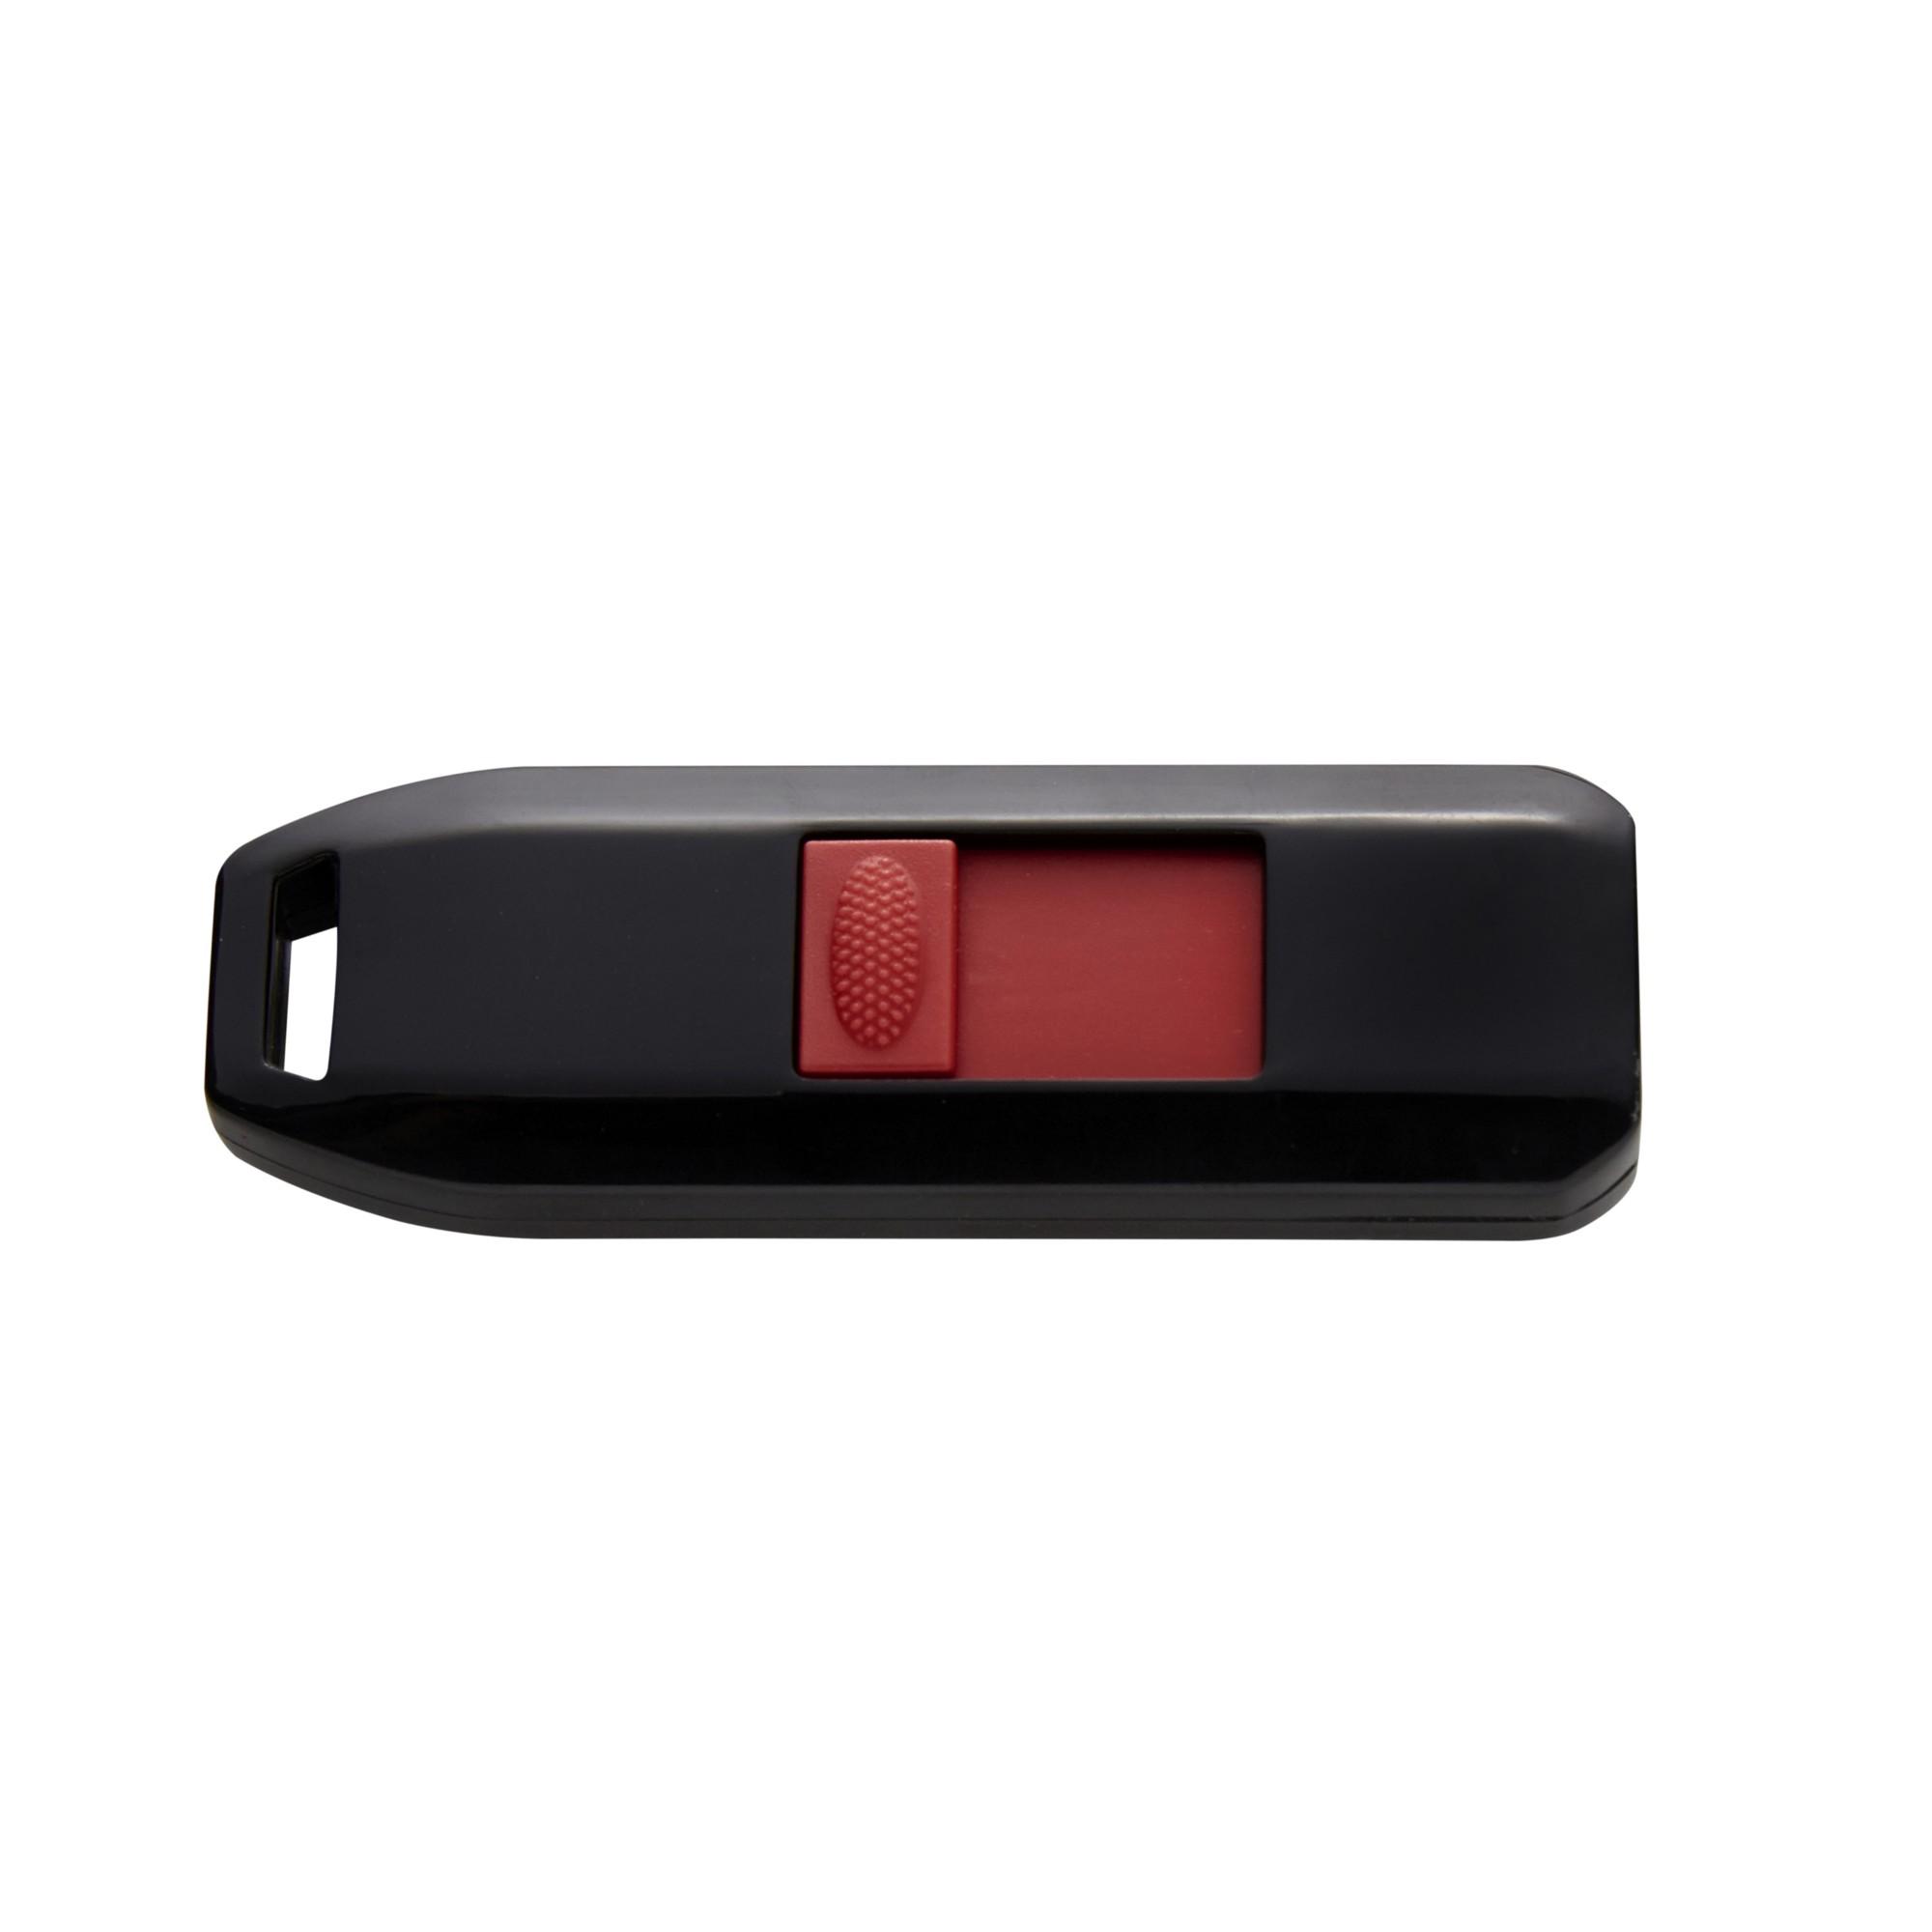 USB Drive 16GB 2.0 Business Line Black